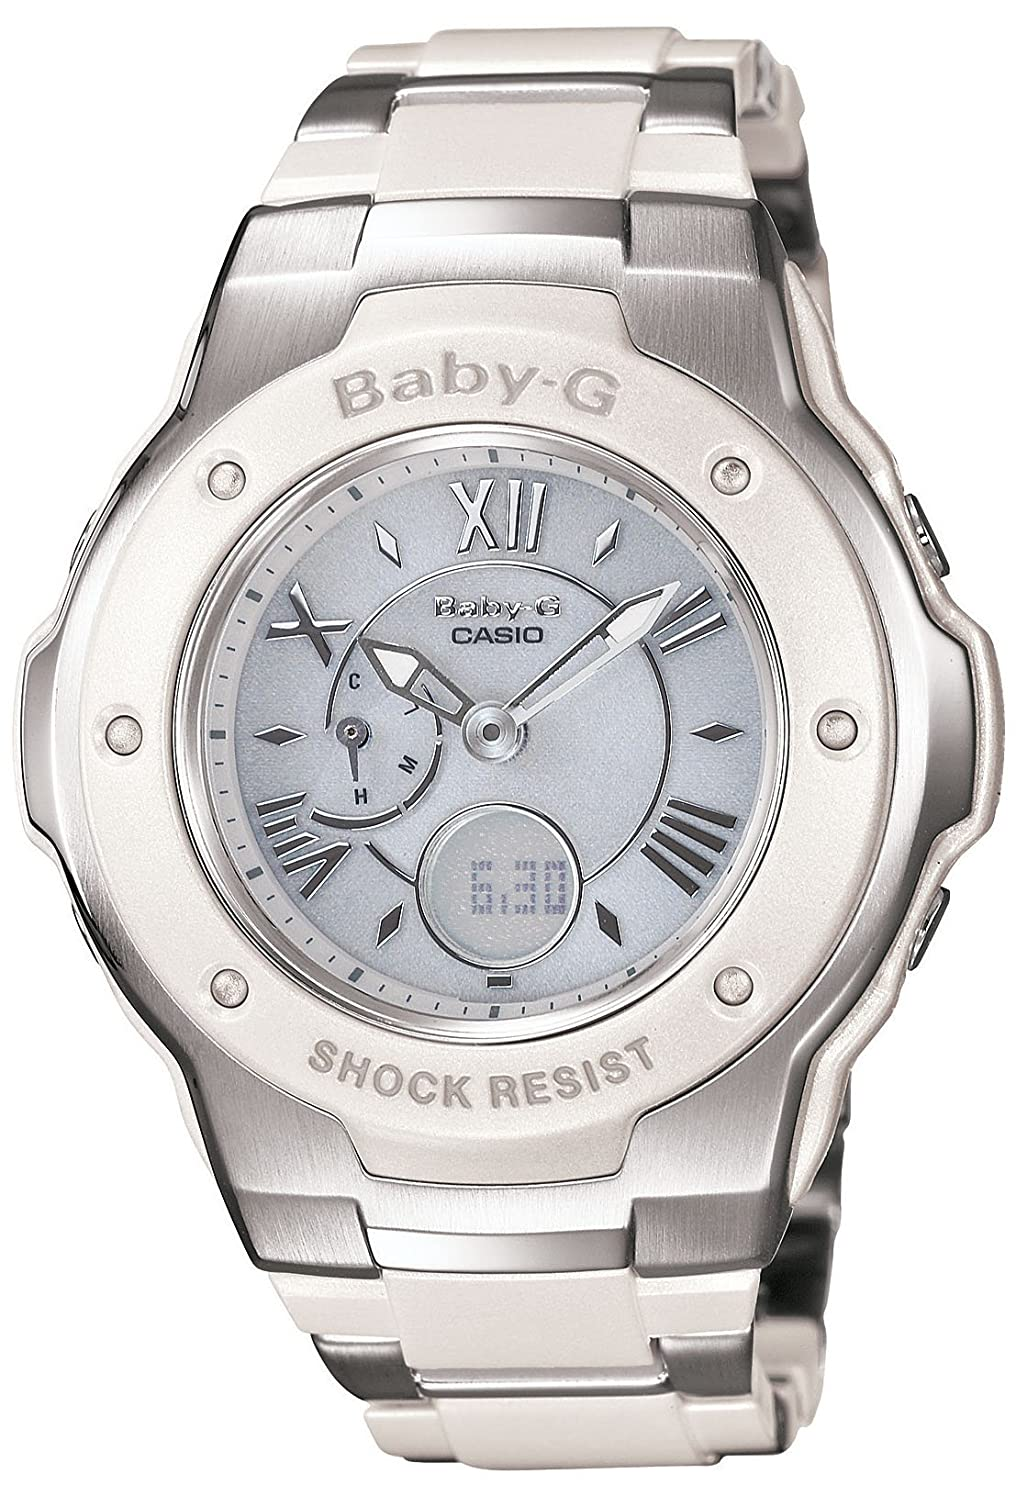 グラディス追放する進化[カシオ] 腕時計 ベビージー 電波ソーラー MSG-3200C-7BJF ホワイト